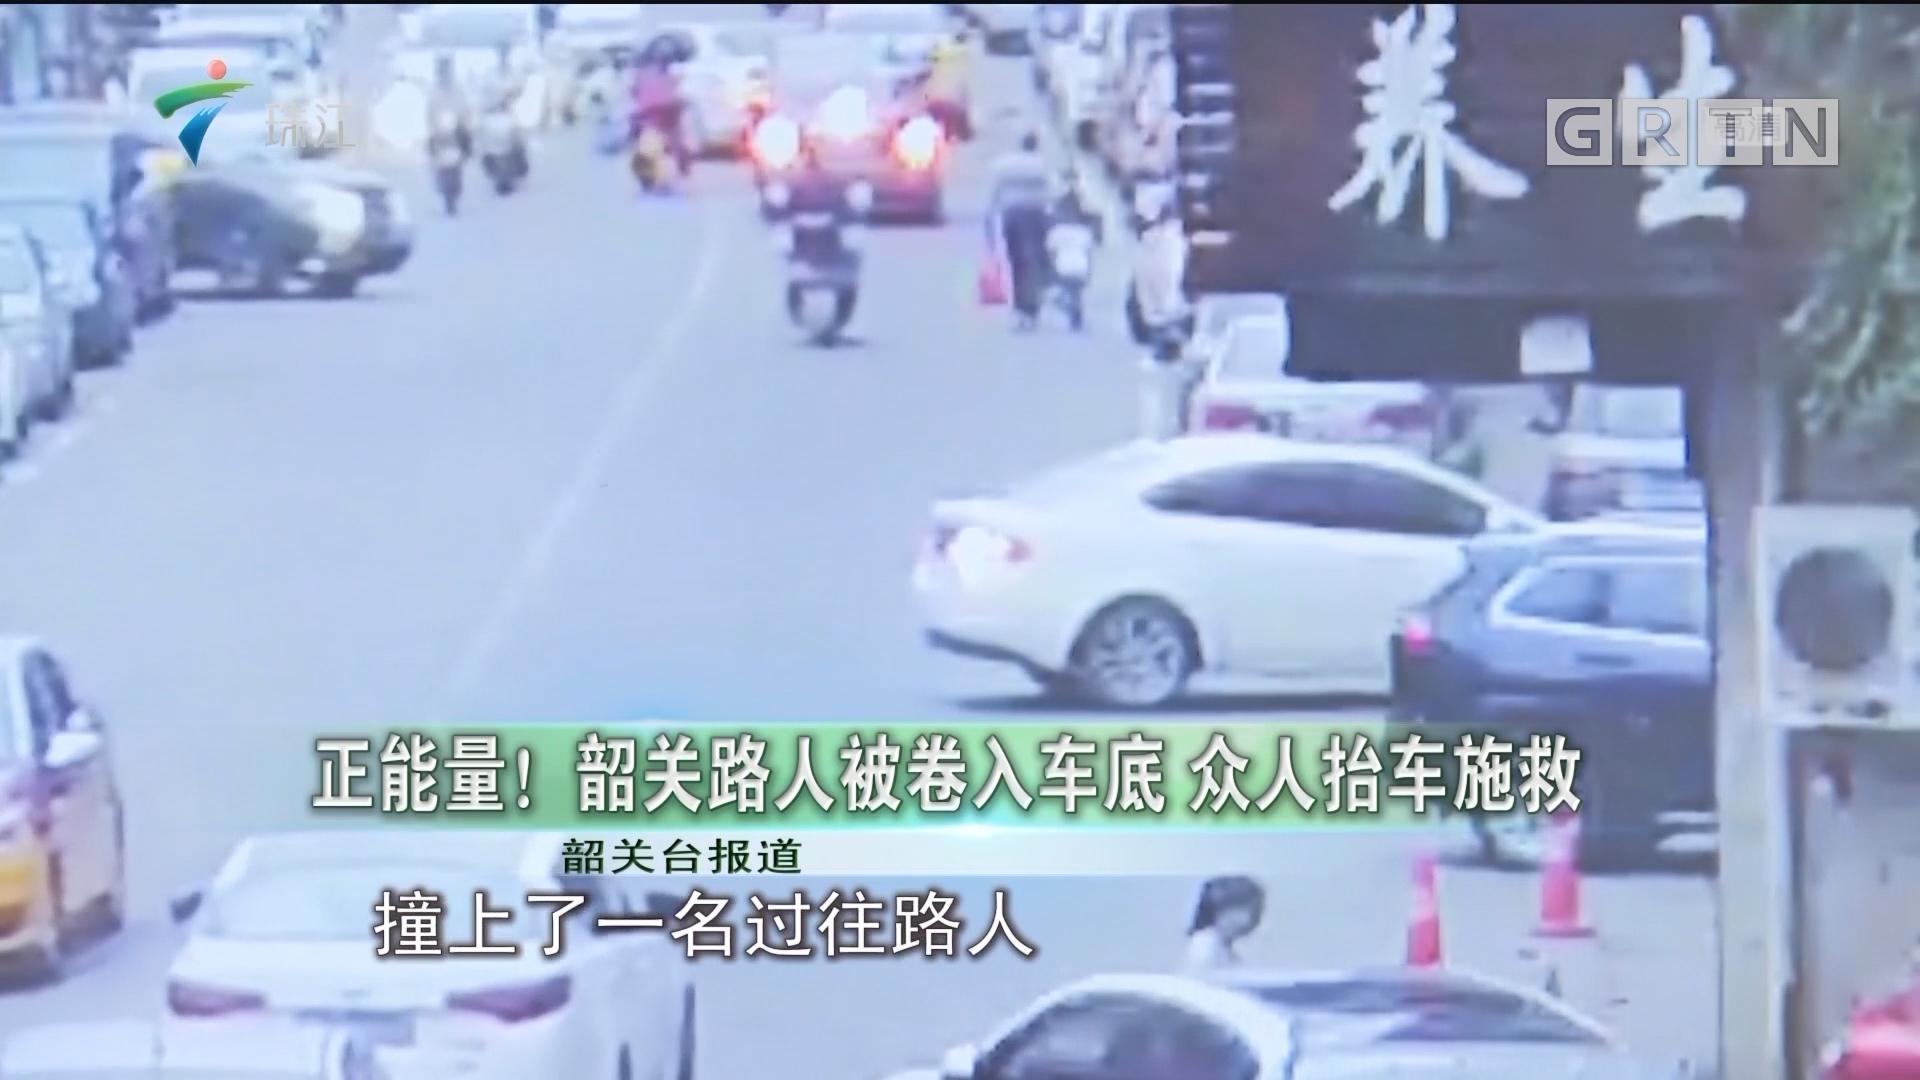 正能量! 韶關路人被卷入車底 眾人抬車施救